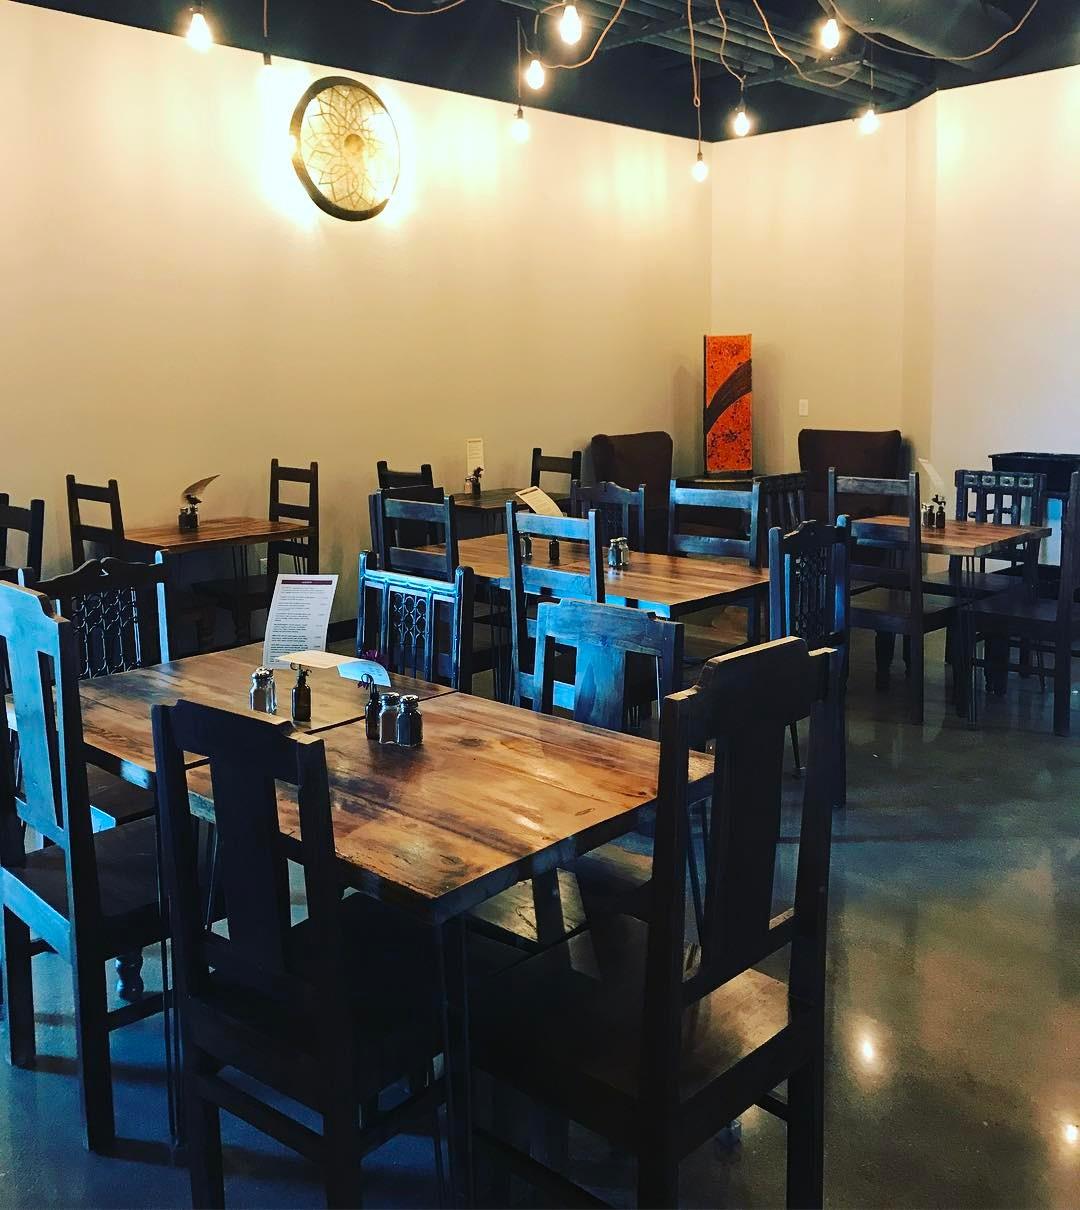 35 Desain Meja Kursi Cafe Minimalis Terbaru 2019 Dekor Rumah